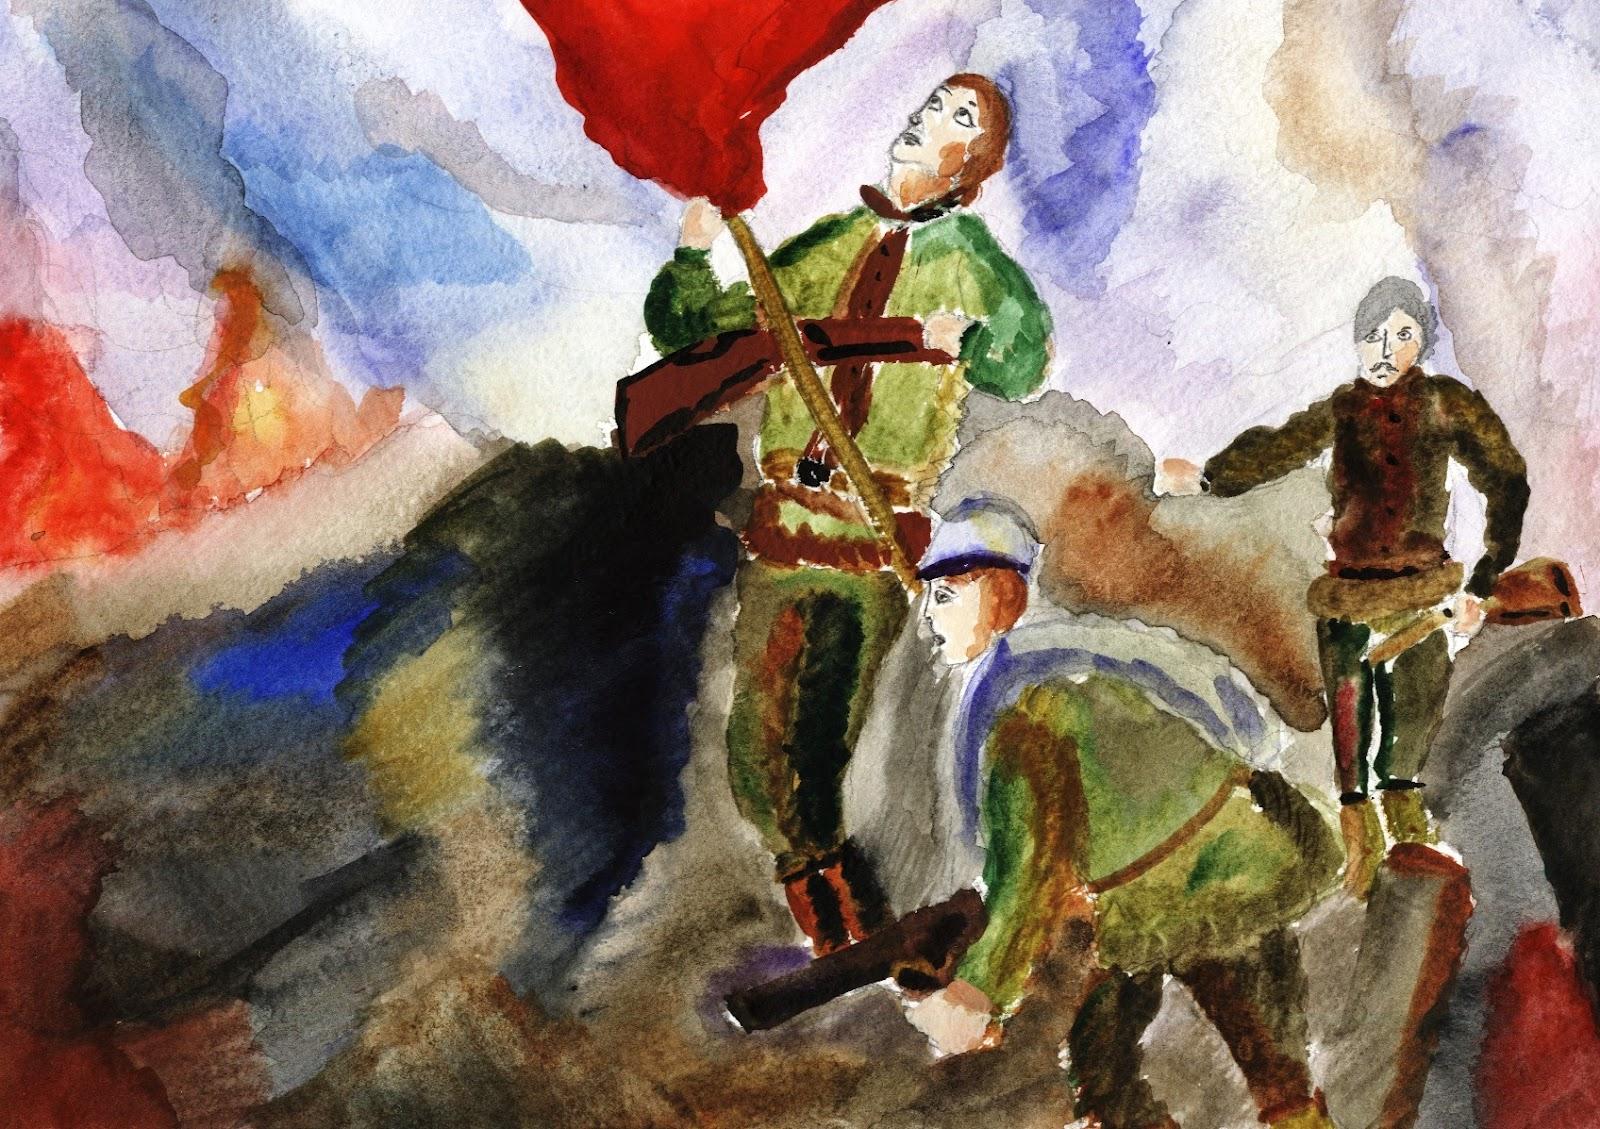 Картинки о победе в войне 1941-1945 для детей